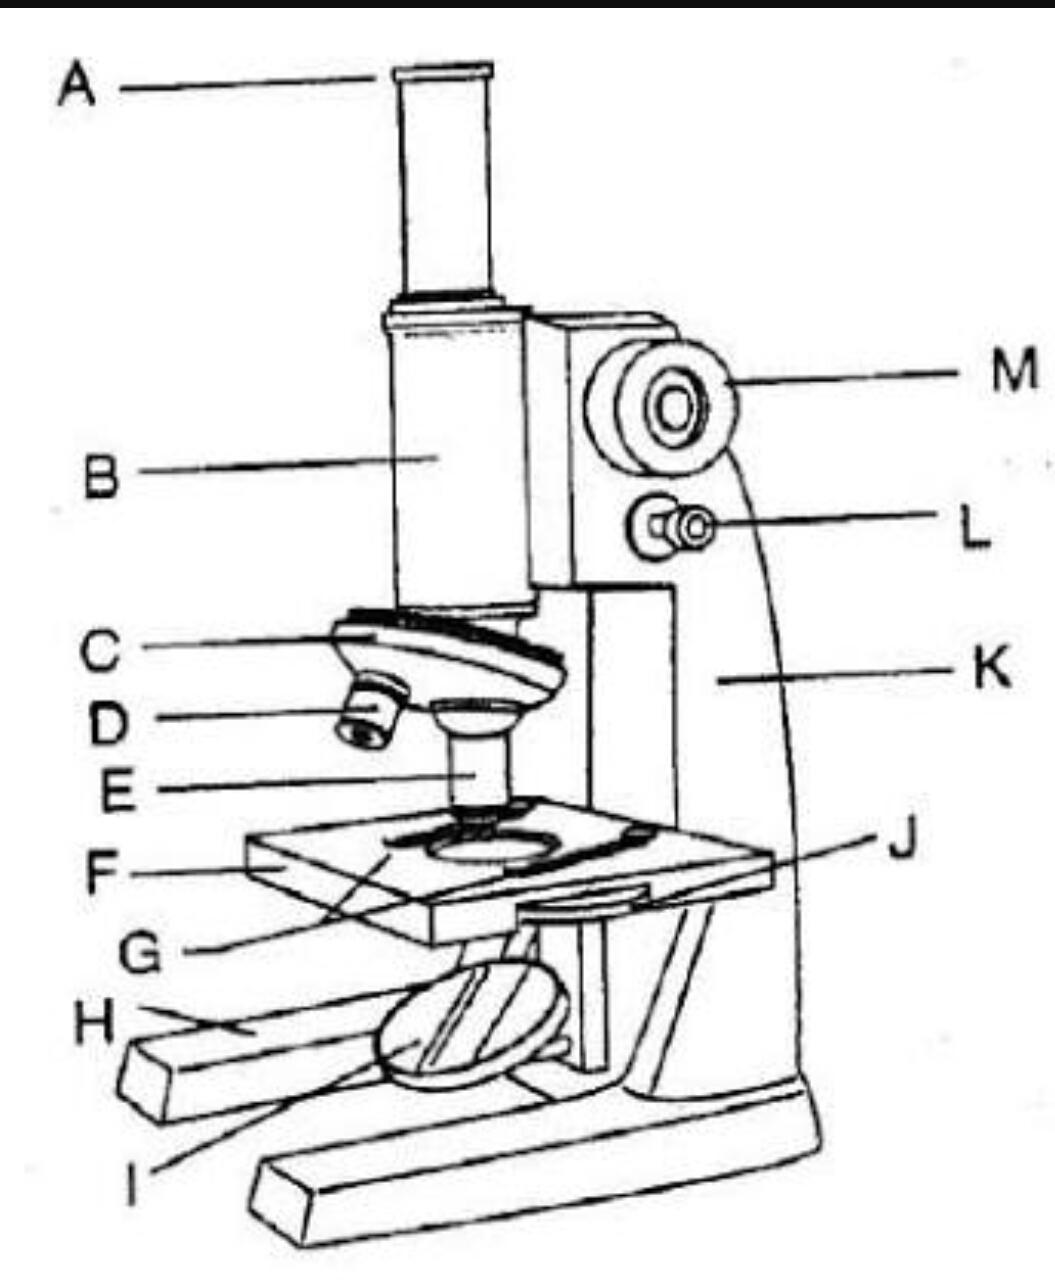 Tex Quiz Biologi Tex Keterangan Quiz Dengan Materi Mikroskop Level Pertanyaan Easy 50 Brainly Co Id